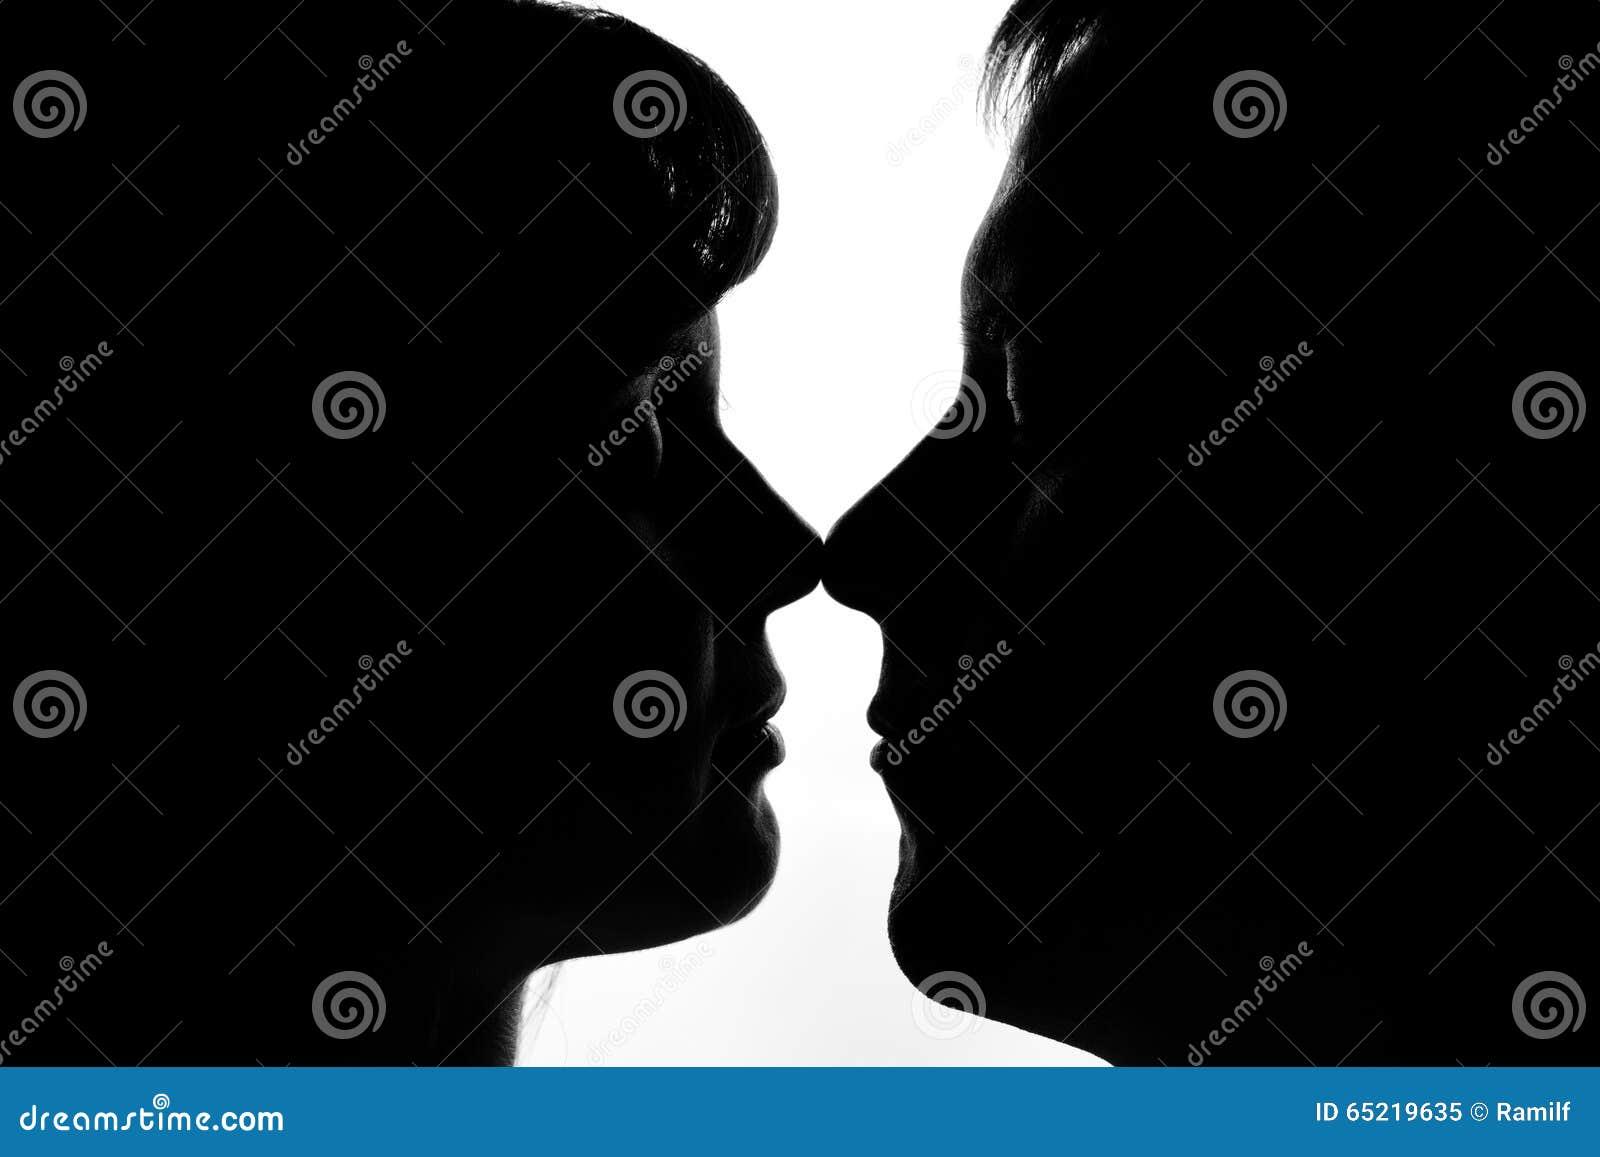 Schwarz weiß bilder liebespaar